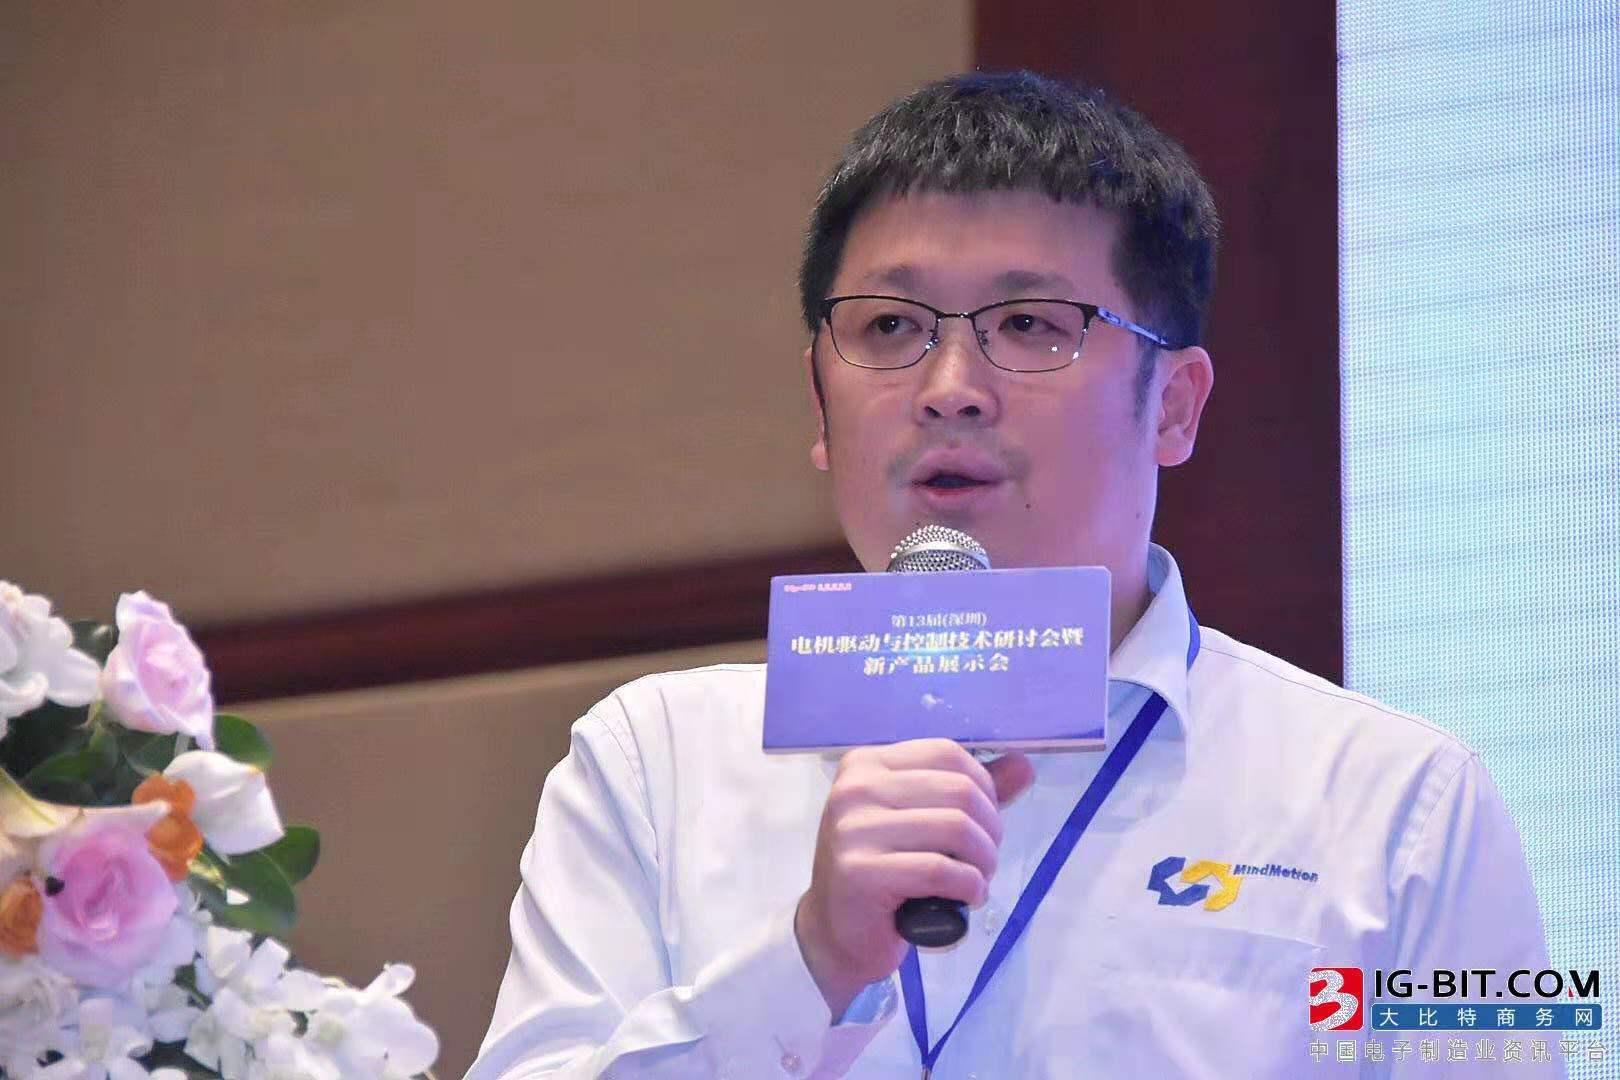 灵动微市场总监黄致恺